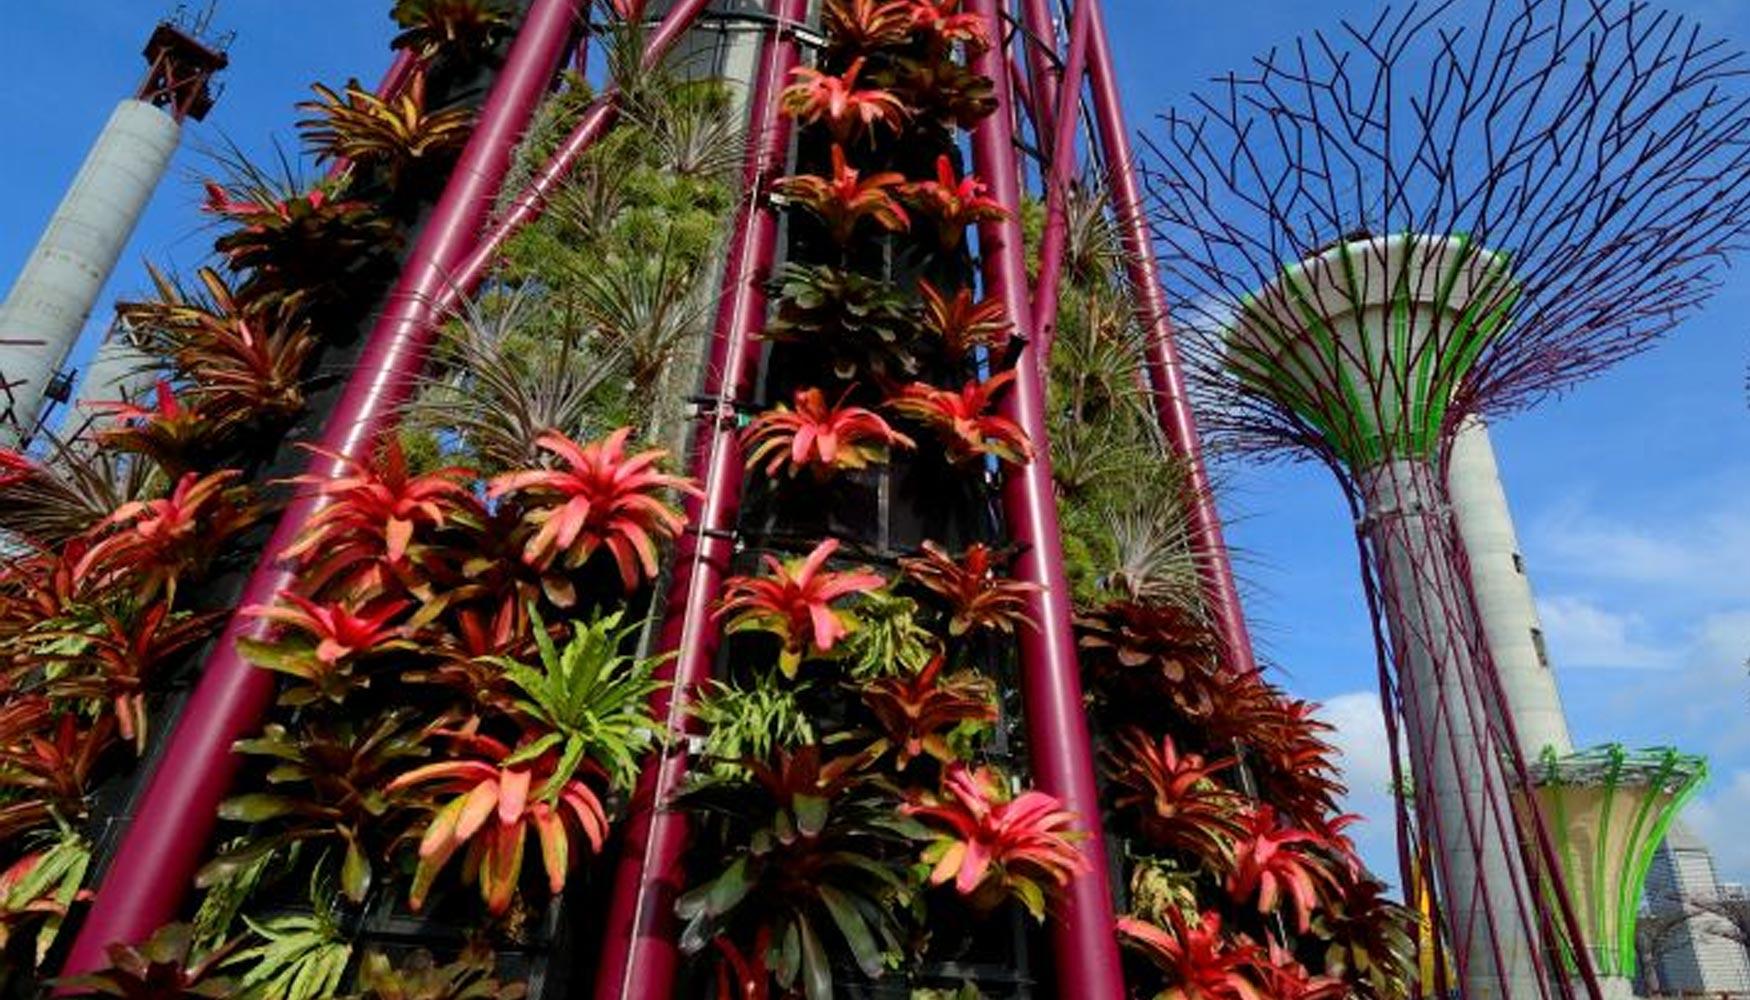 singapur garden